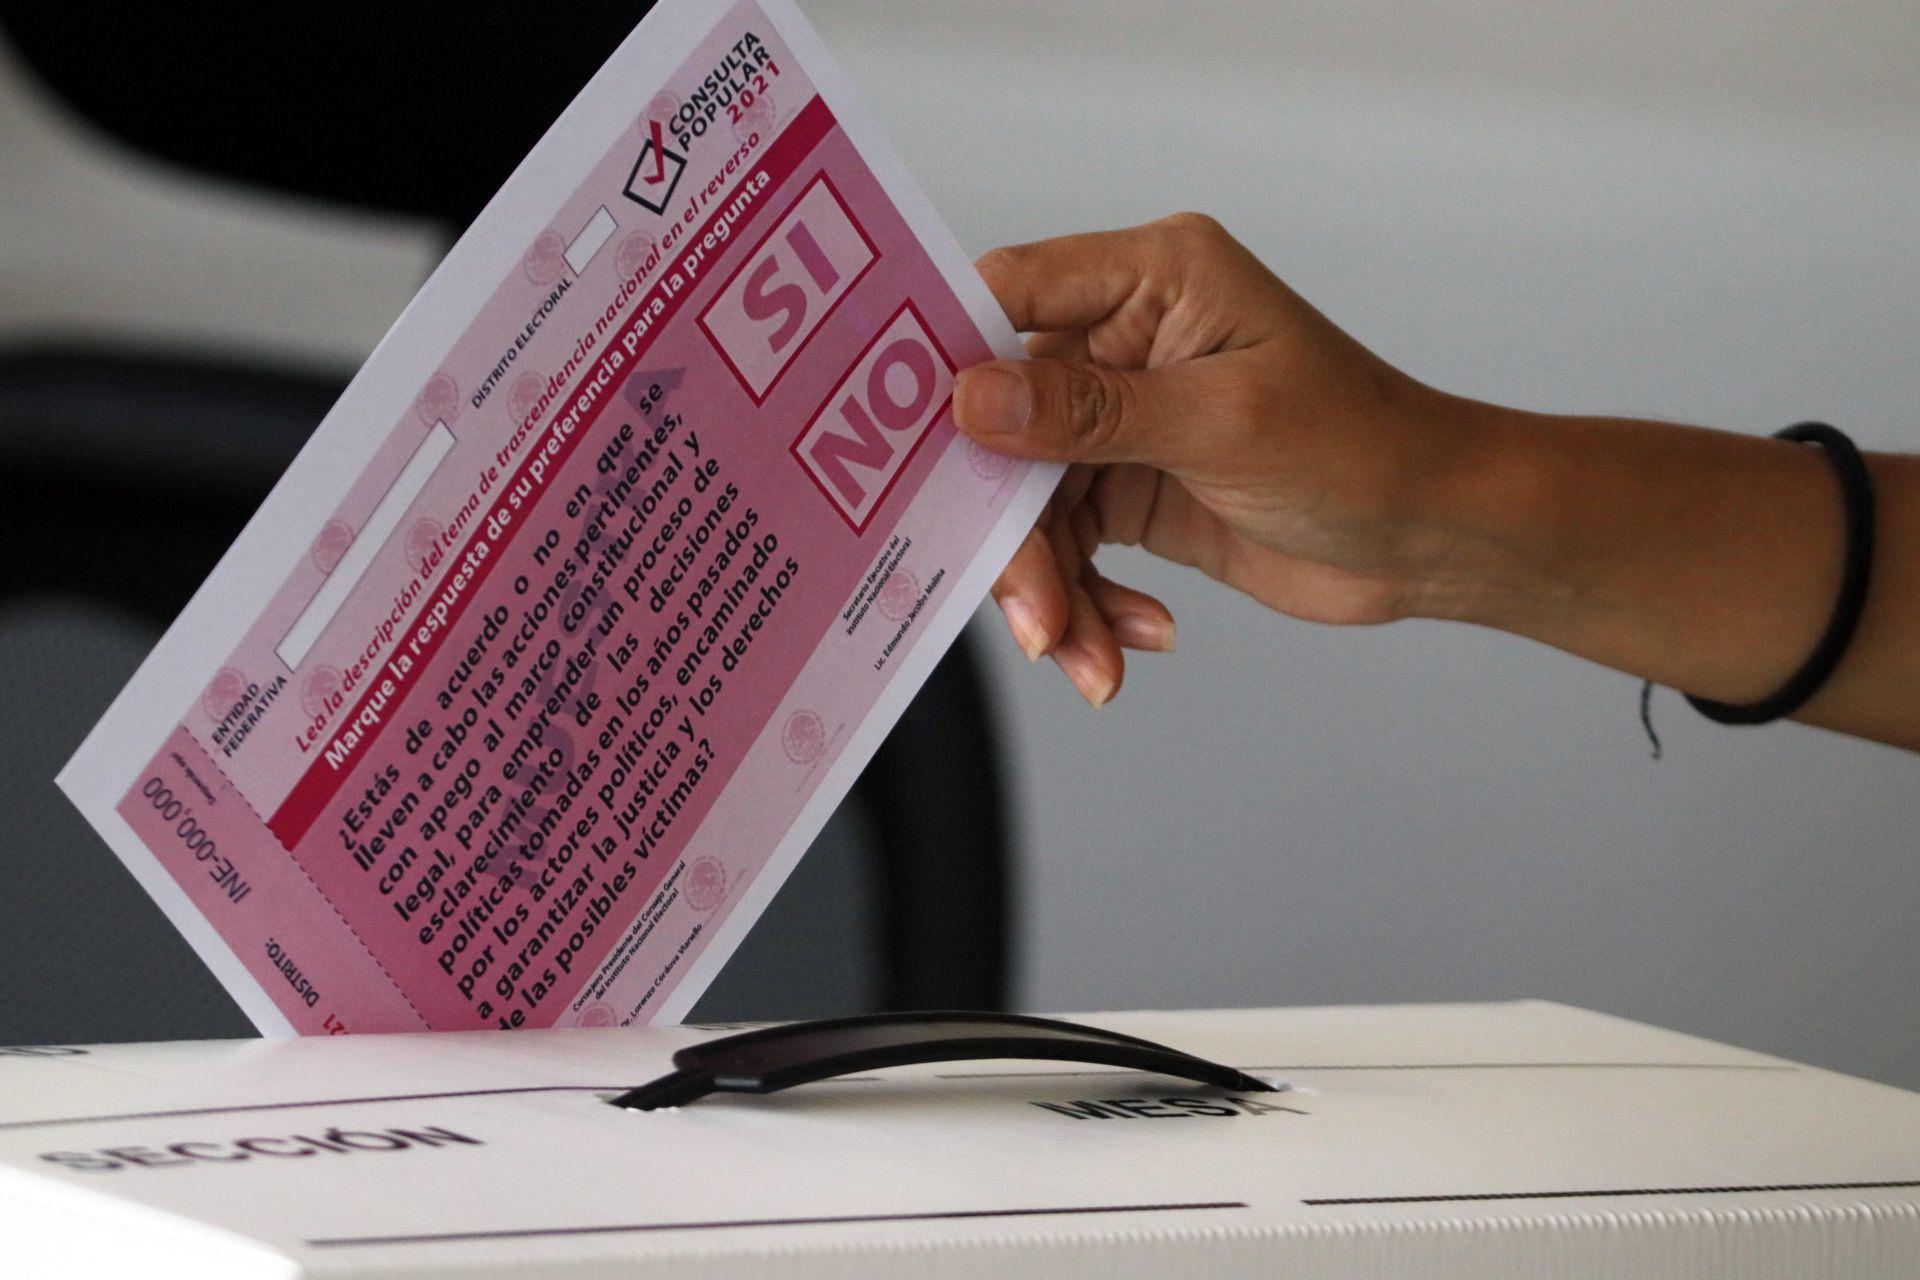 Registra Cuautla 46 observadores electorales para la consulta ciudadana donde enjuiciarán a expresidentes el próximo 1 de agosto